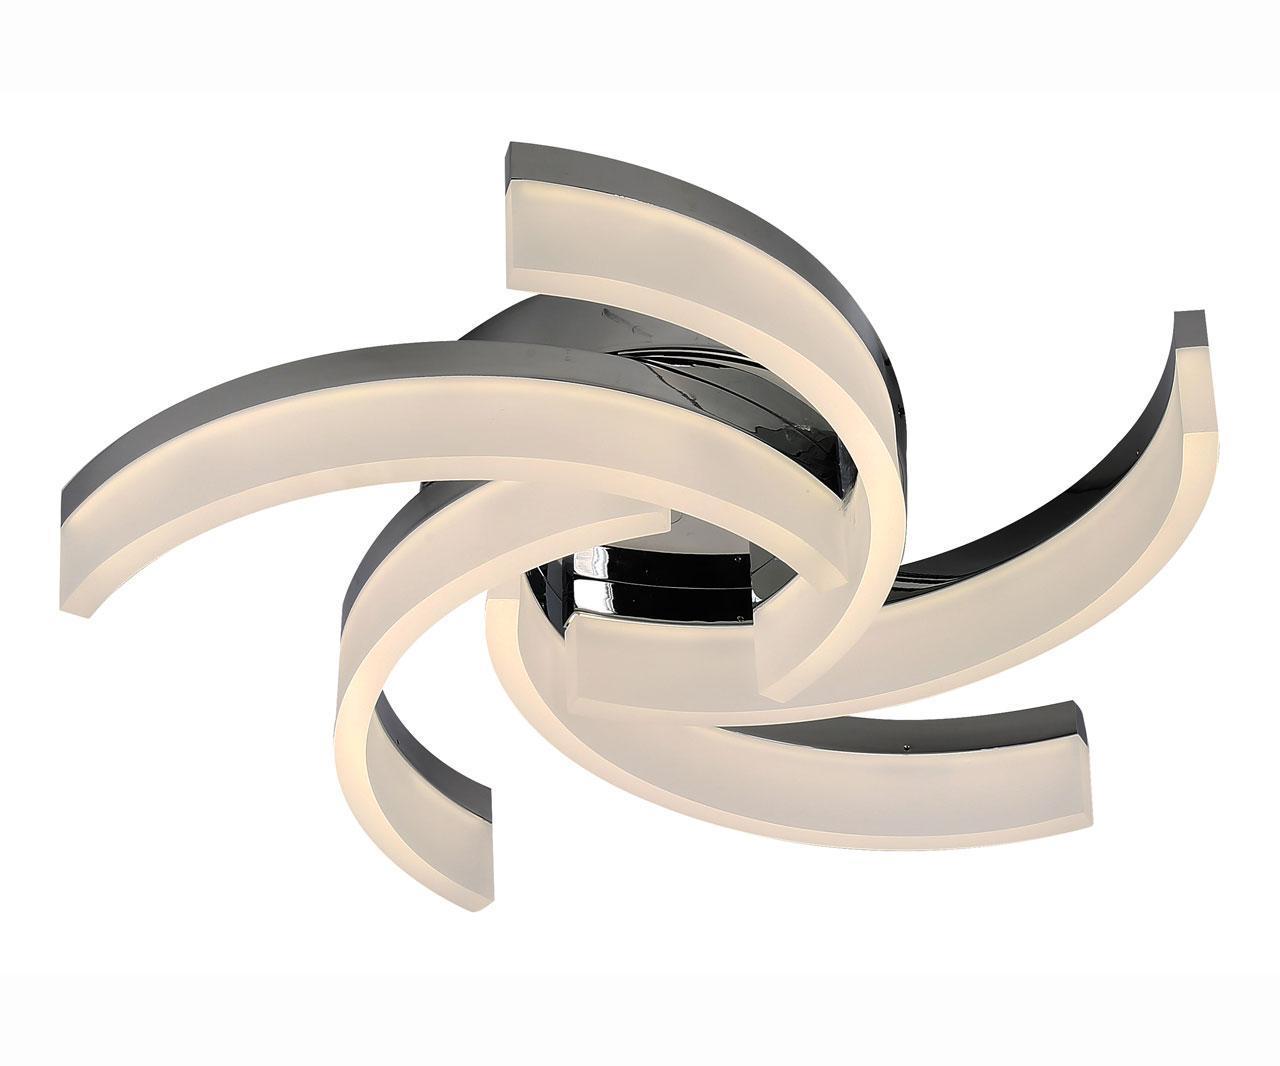 Потолочный светодиодный светильник Kink Light Фейерверк 07995 kink light светильник фейерверк